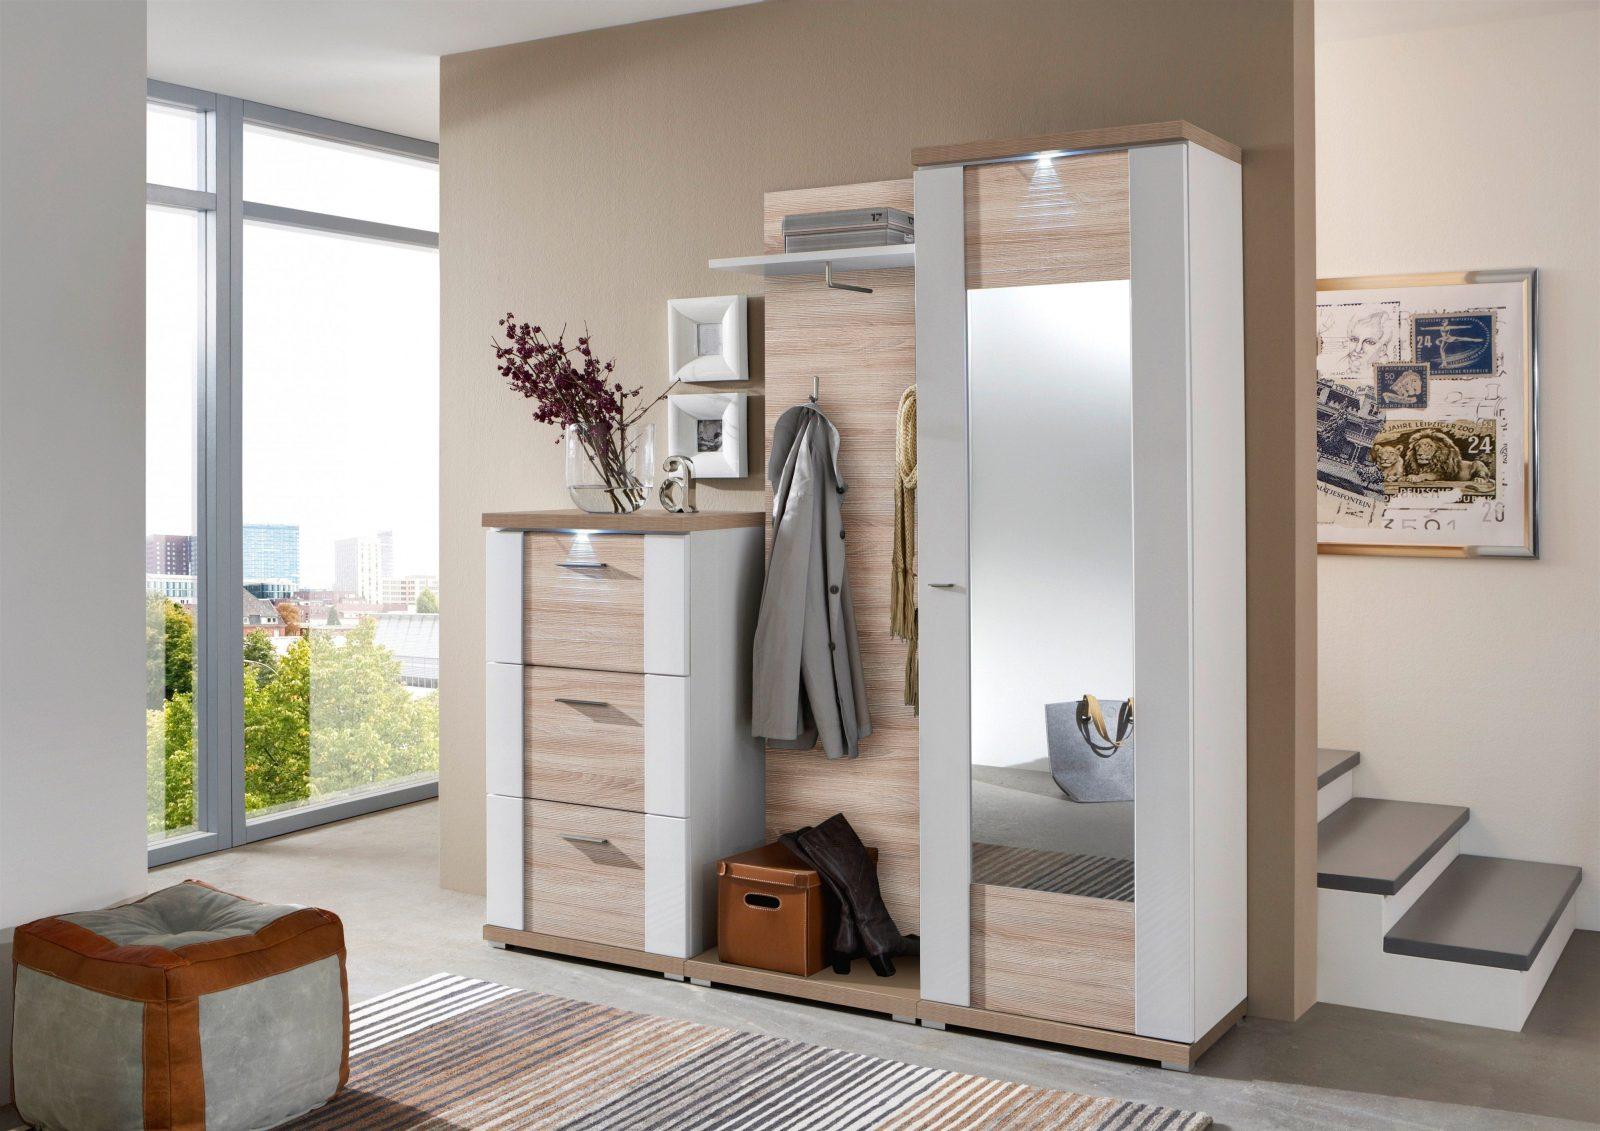 Verwunderlich Ideen Garderobe Wenig Platz – Cblonline von Garderoben Ideen Wenig Platz Bild